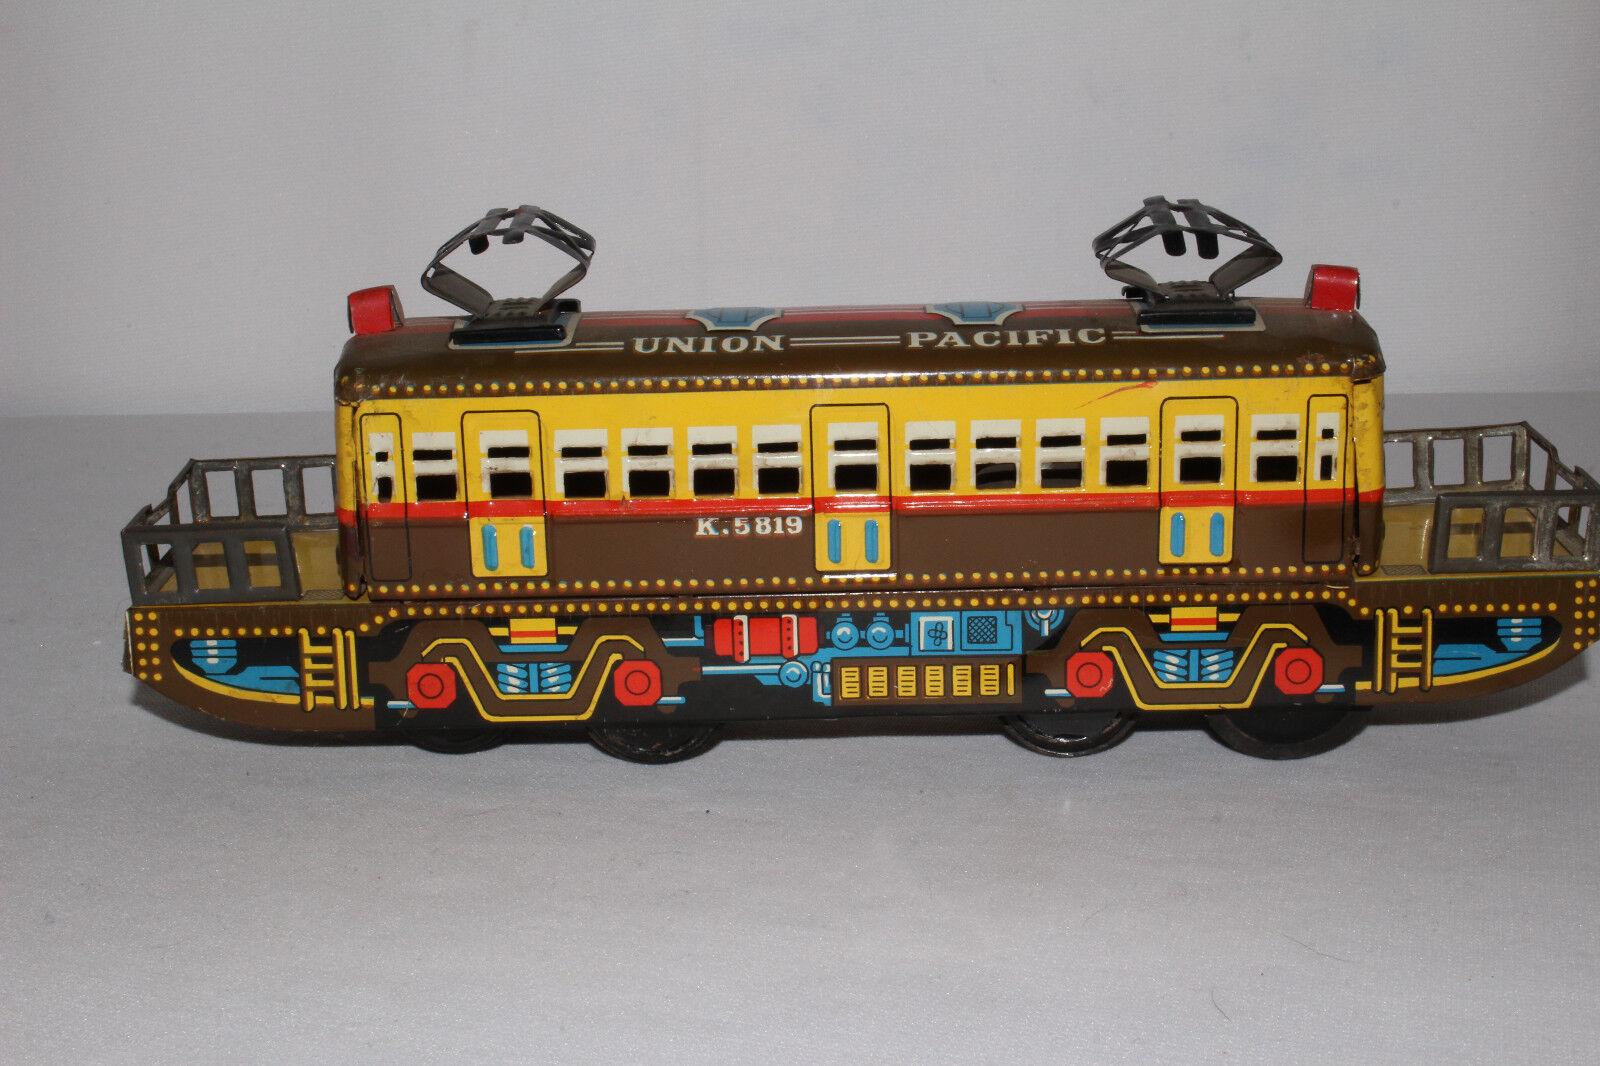 594ms Hergestellt in Japan Union Pacific K 5819 Zug Motor  Schön